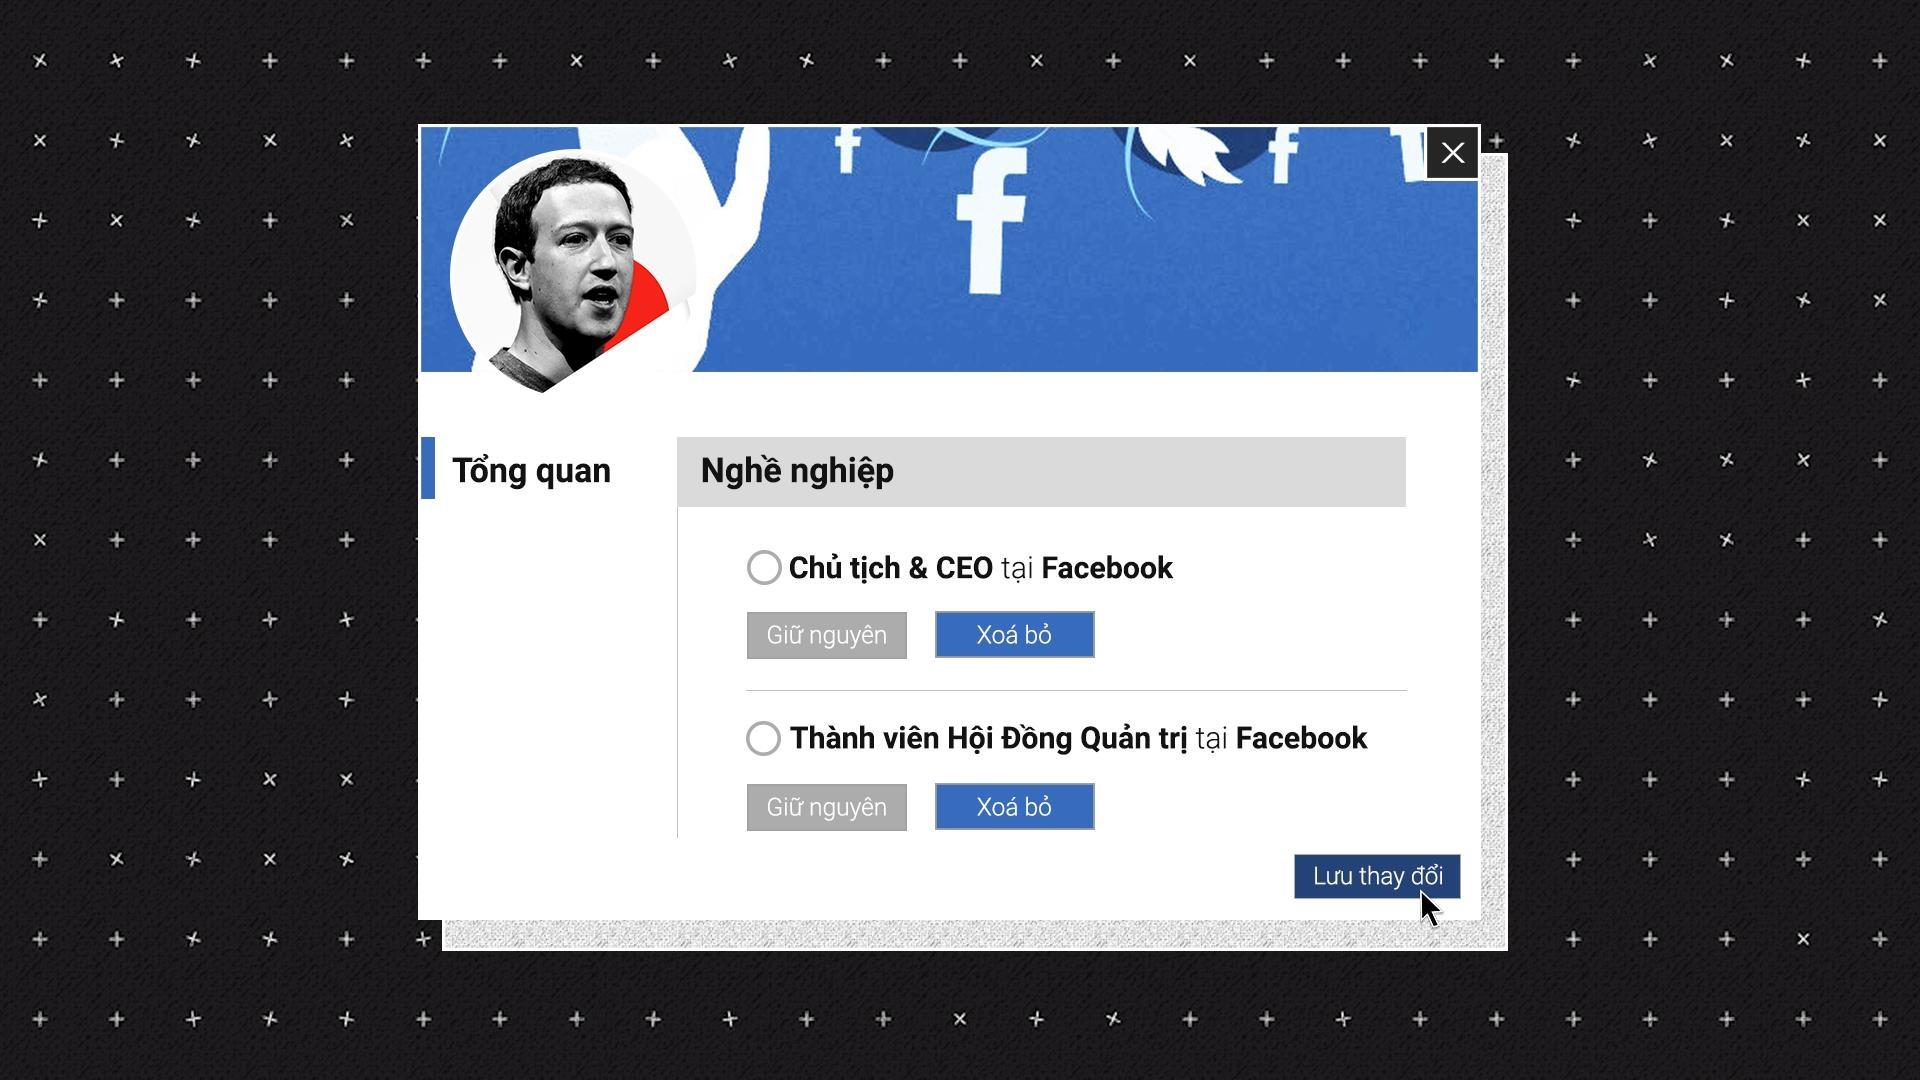 La that bai lon nhat cua Facebook, Mark Zuckerberg can phai ra di hinh anh 2